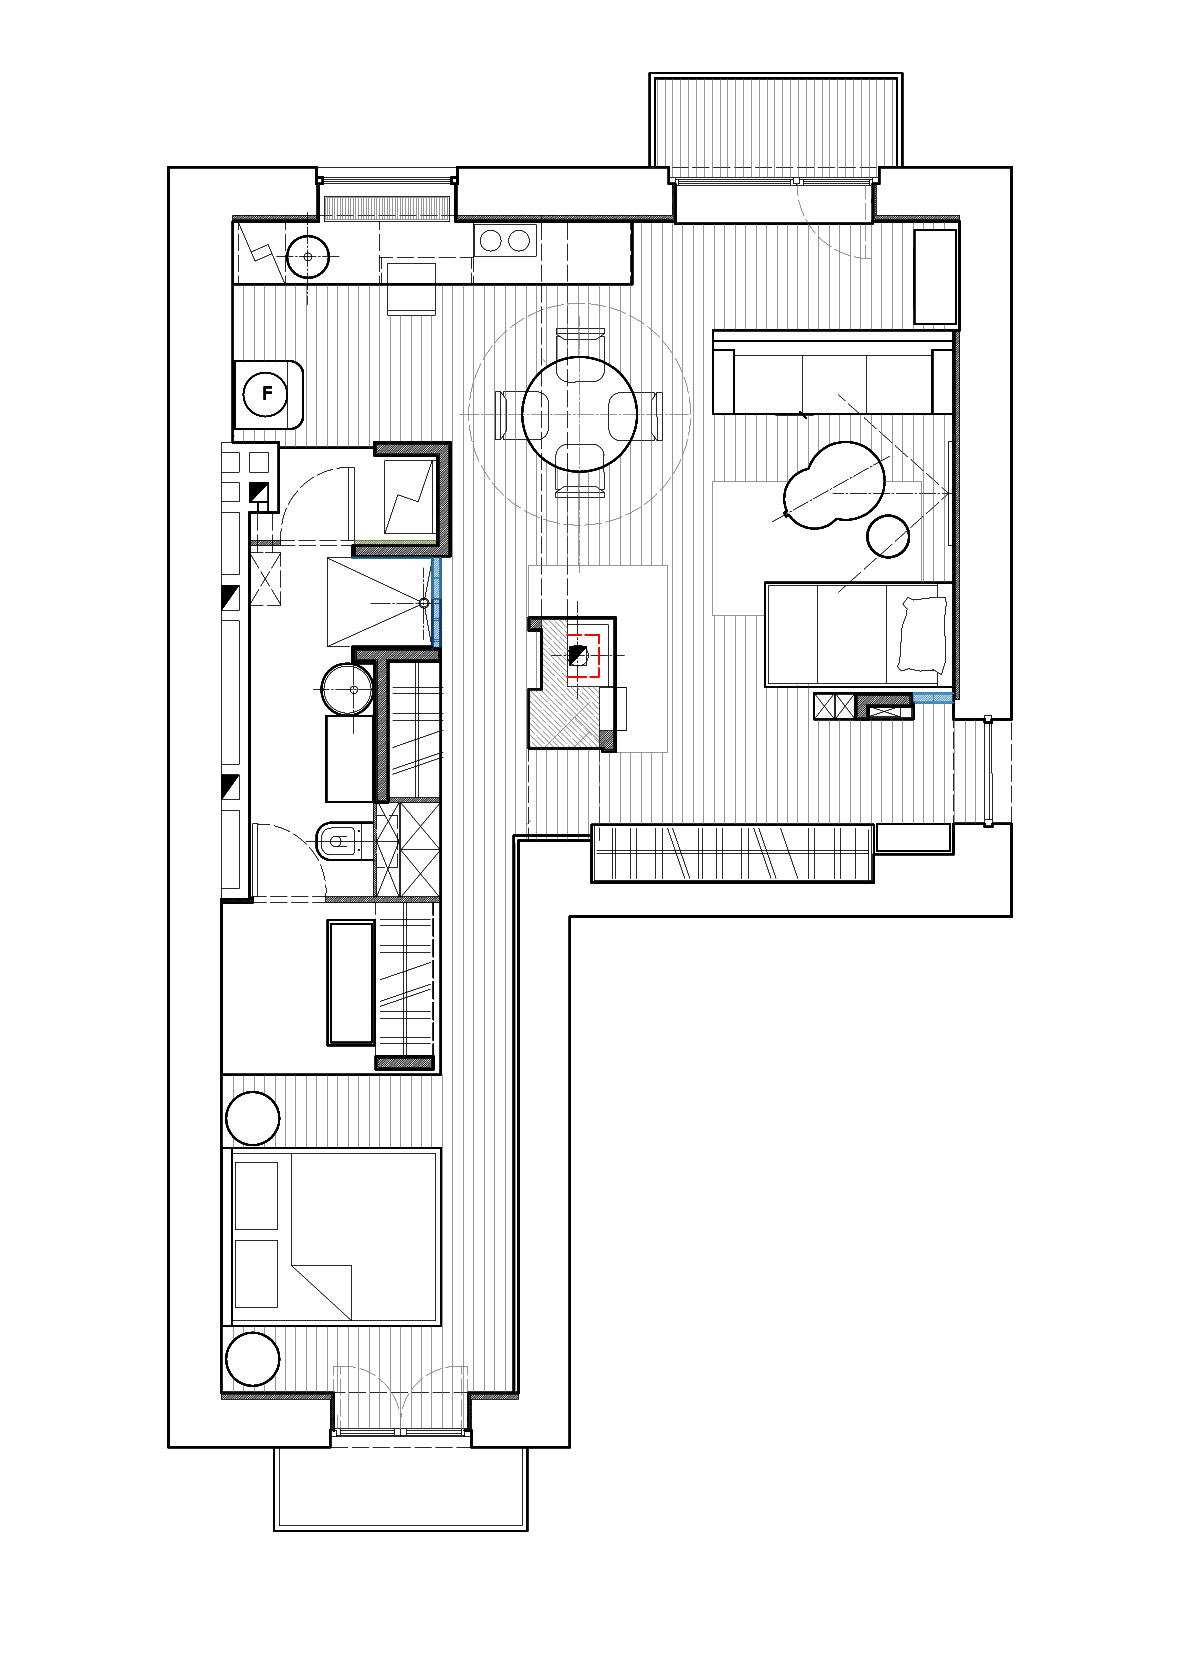 schita apartament 2 camere plan deschis